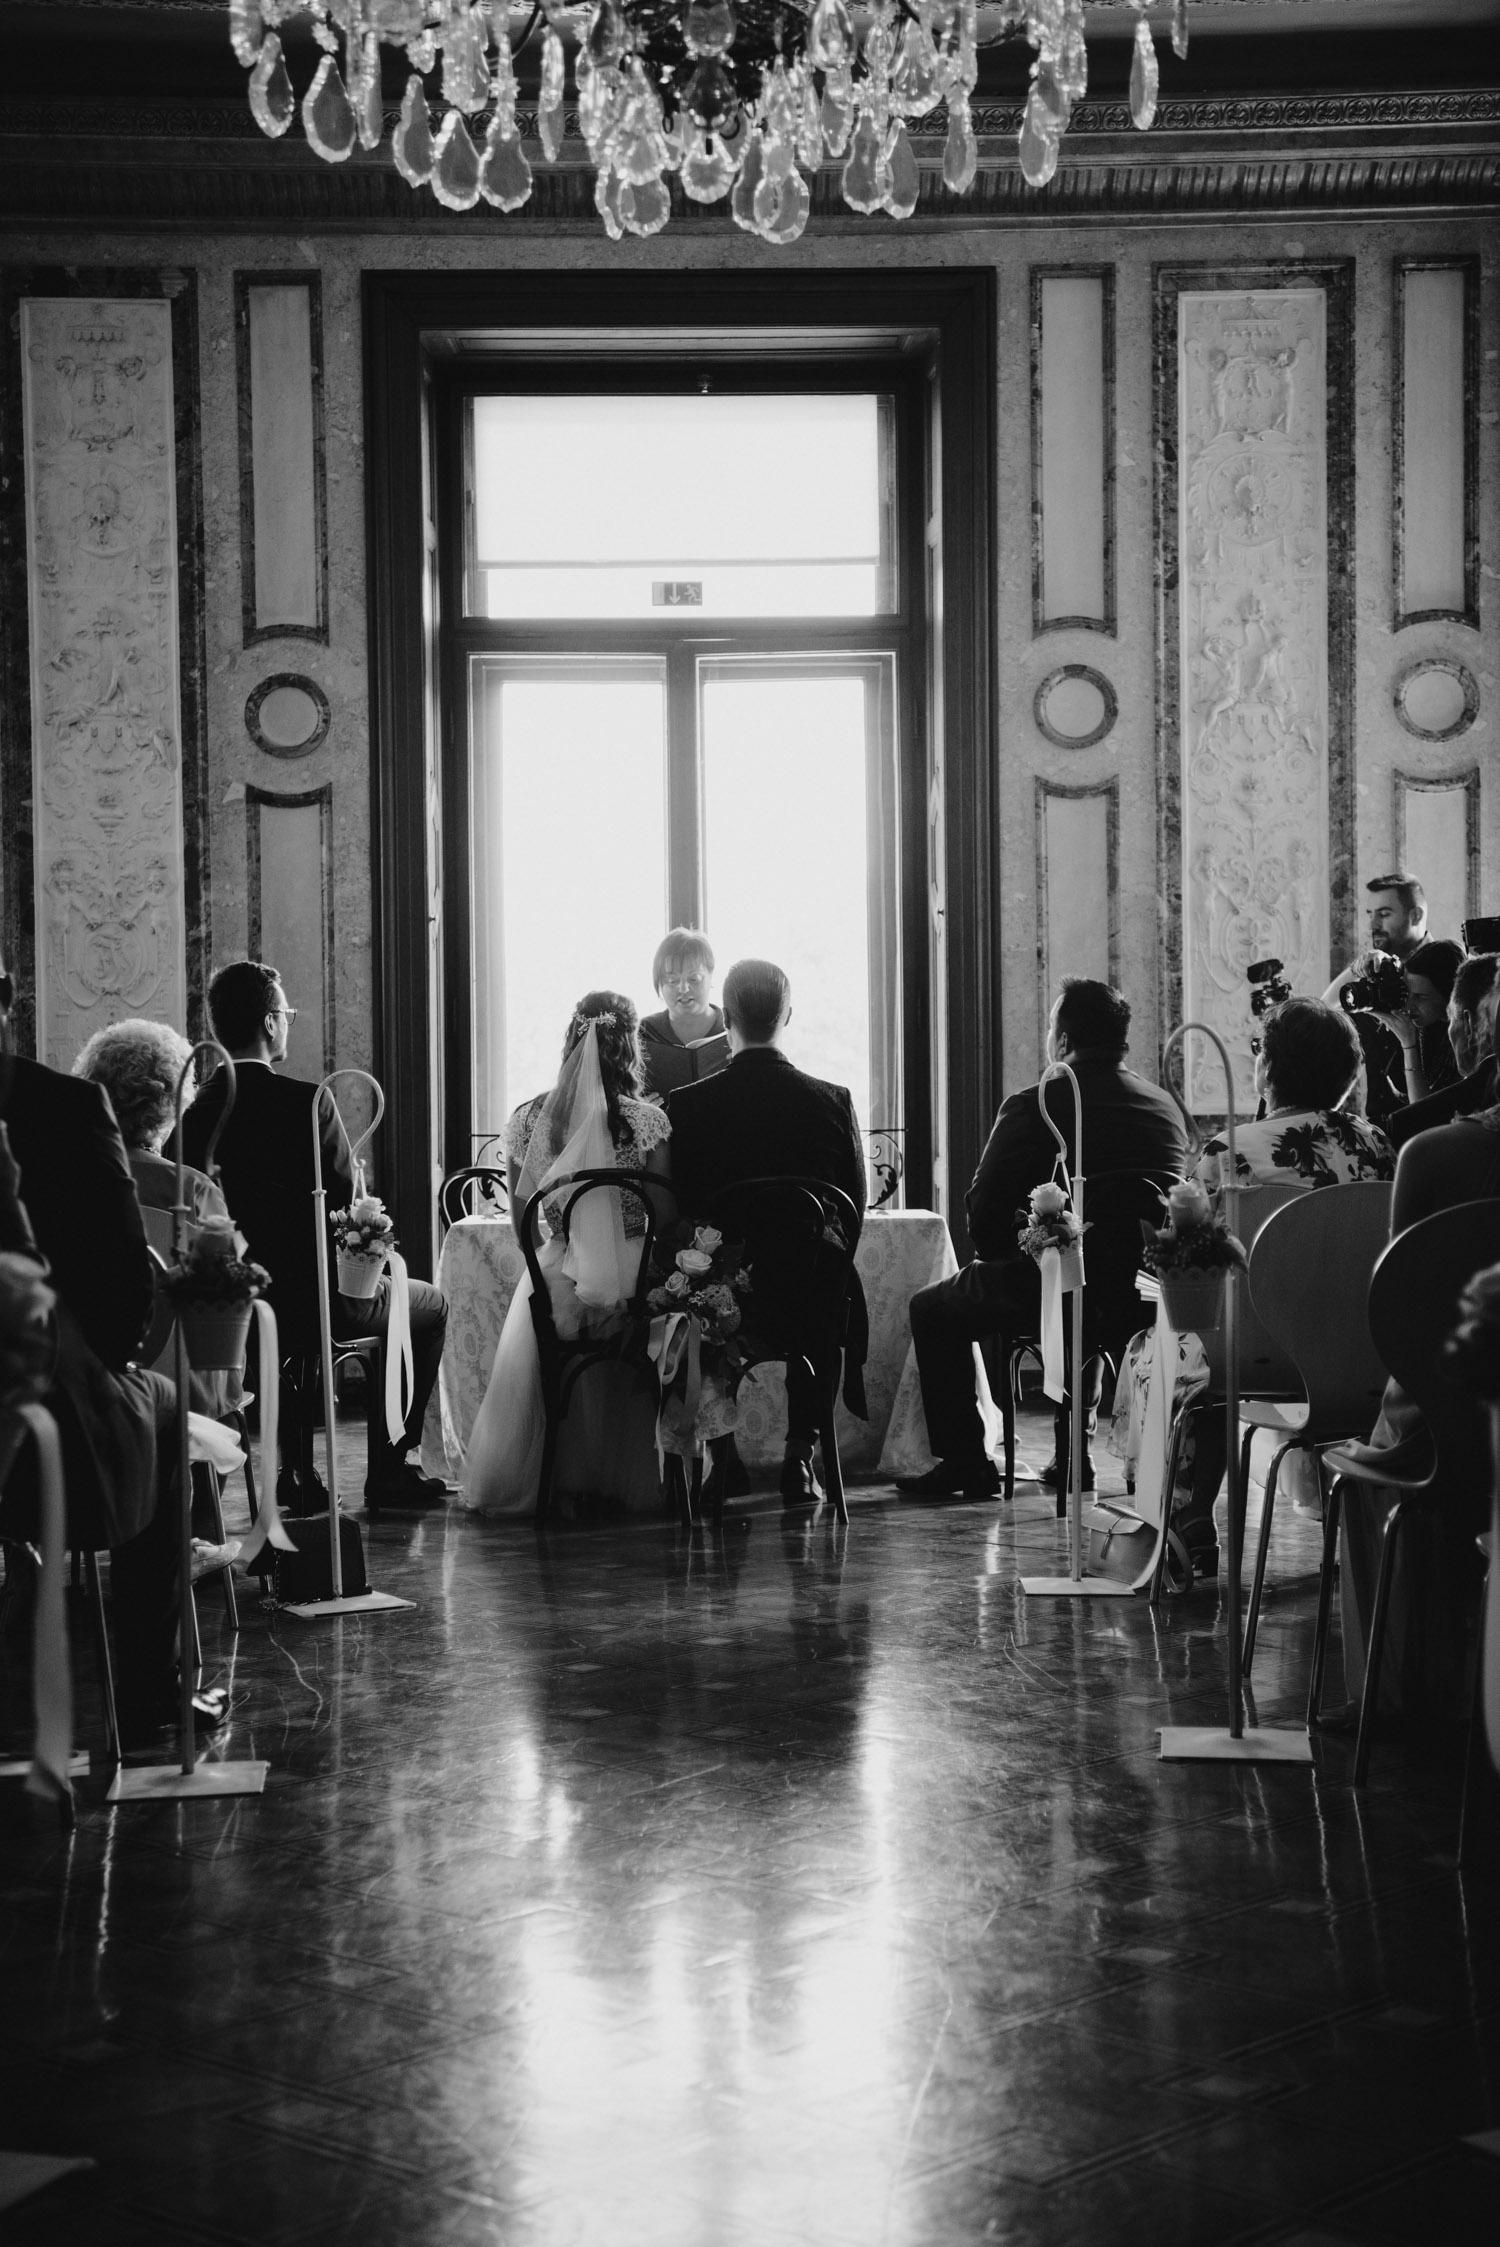 solya-mike-hochzeitsfotografin-hochzeitsfotografen-wien-hermesvilla-wedding-photographer-vienna-austria-80 Hochzeitstipps 3 - Die Trauung | Hochzeitsfotografin Tirol & Wien